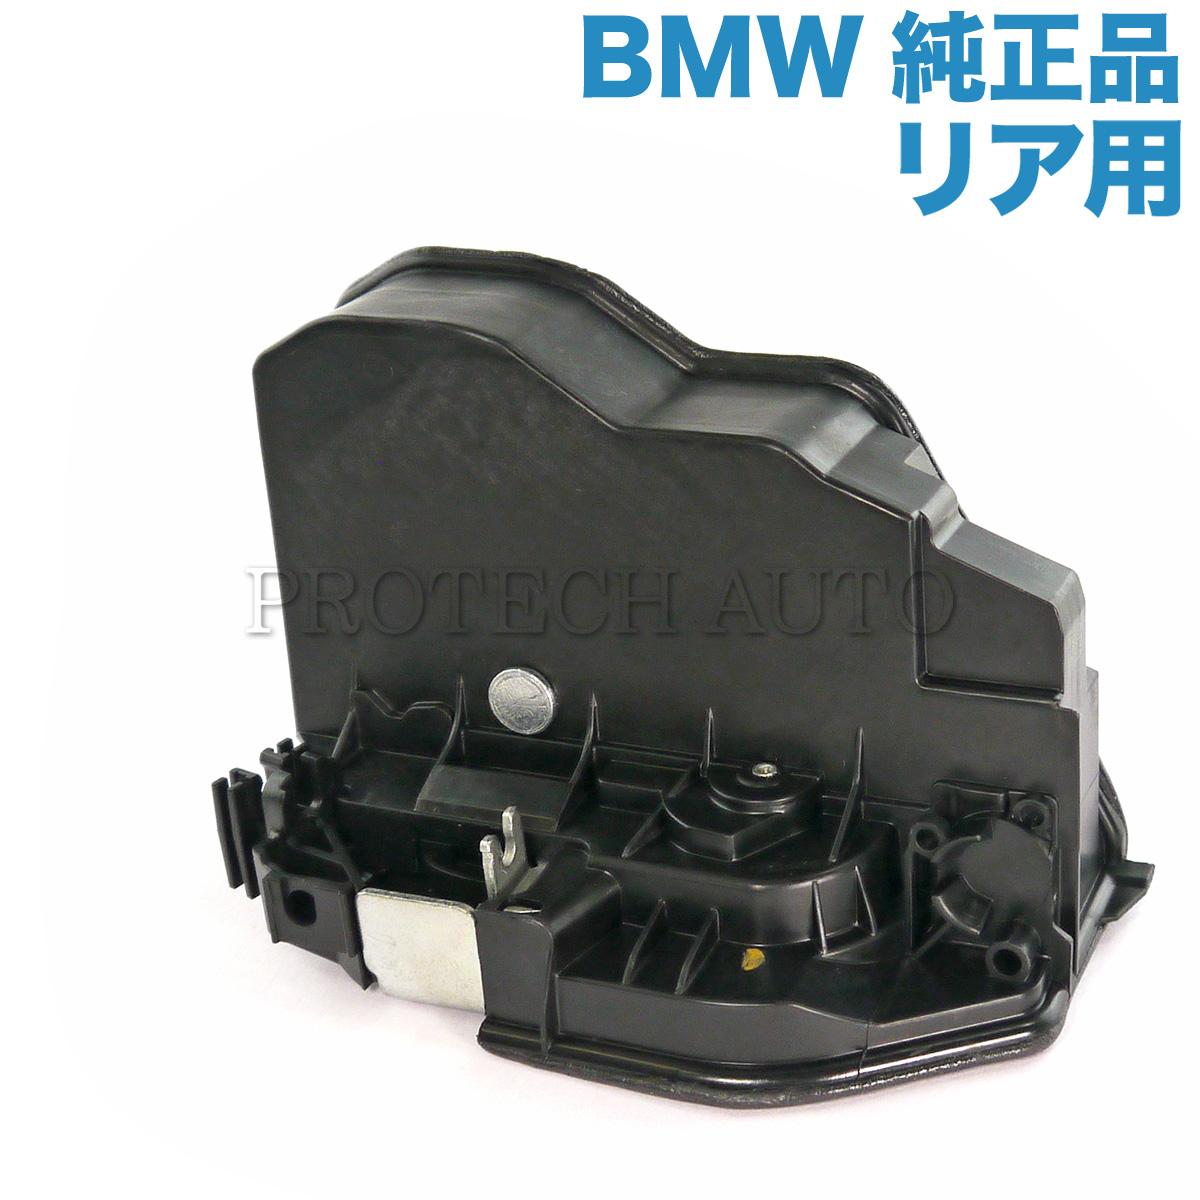 純正 BMW 3シリーズ F30 F31 F34 リヤ/リア ドアロックアクチュエーター 左 51227202147 320d 320i 320ixDrive 328i ActiveHybrid3 330e 330i 340i 335i【あす楽対応】